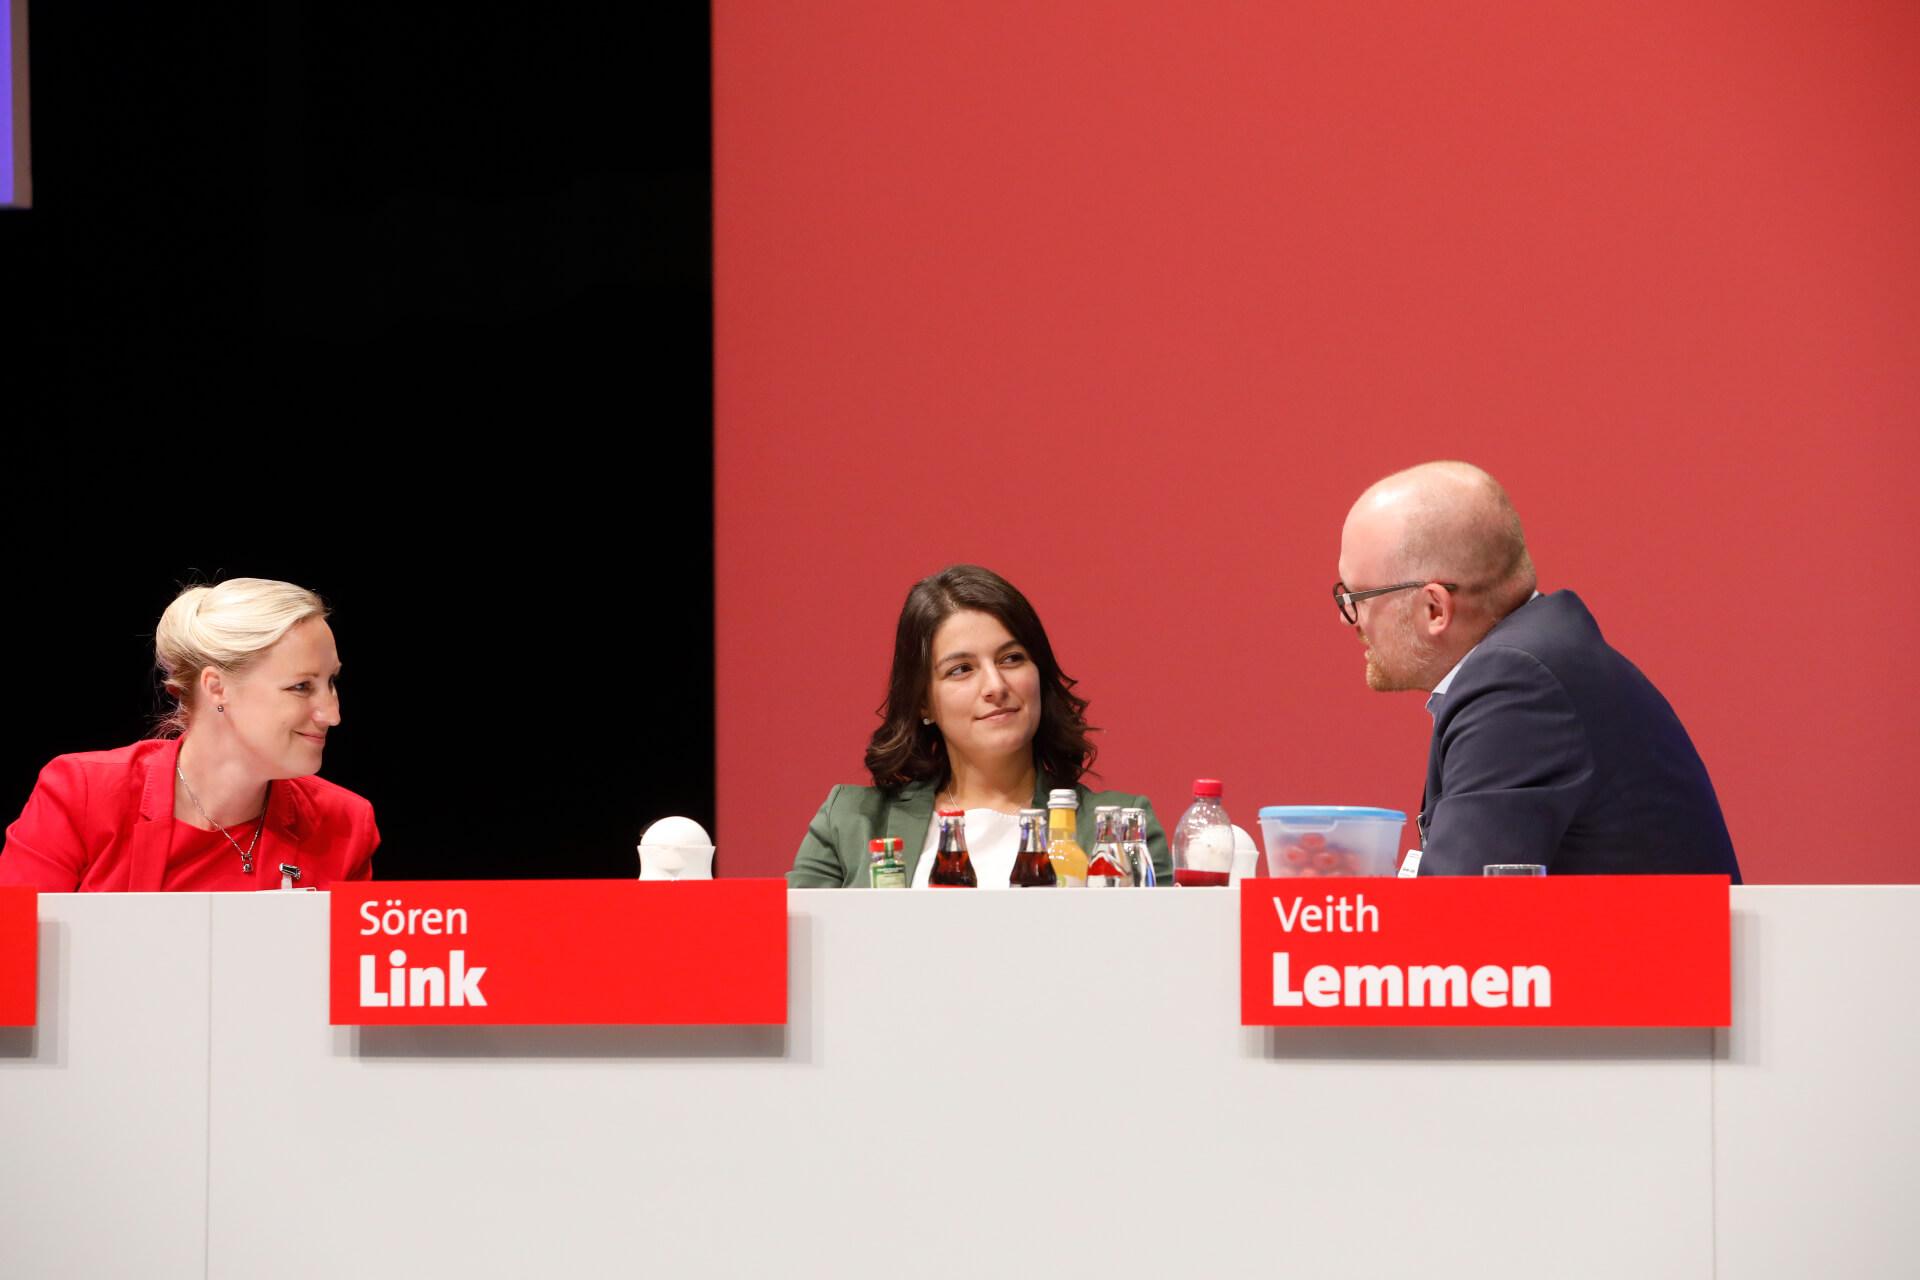 Dörte Schall, Elvan Korkmaz und Sören Link im Gespräch auf dem außerordentlichen Landesparteitag 2019 in Bochum